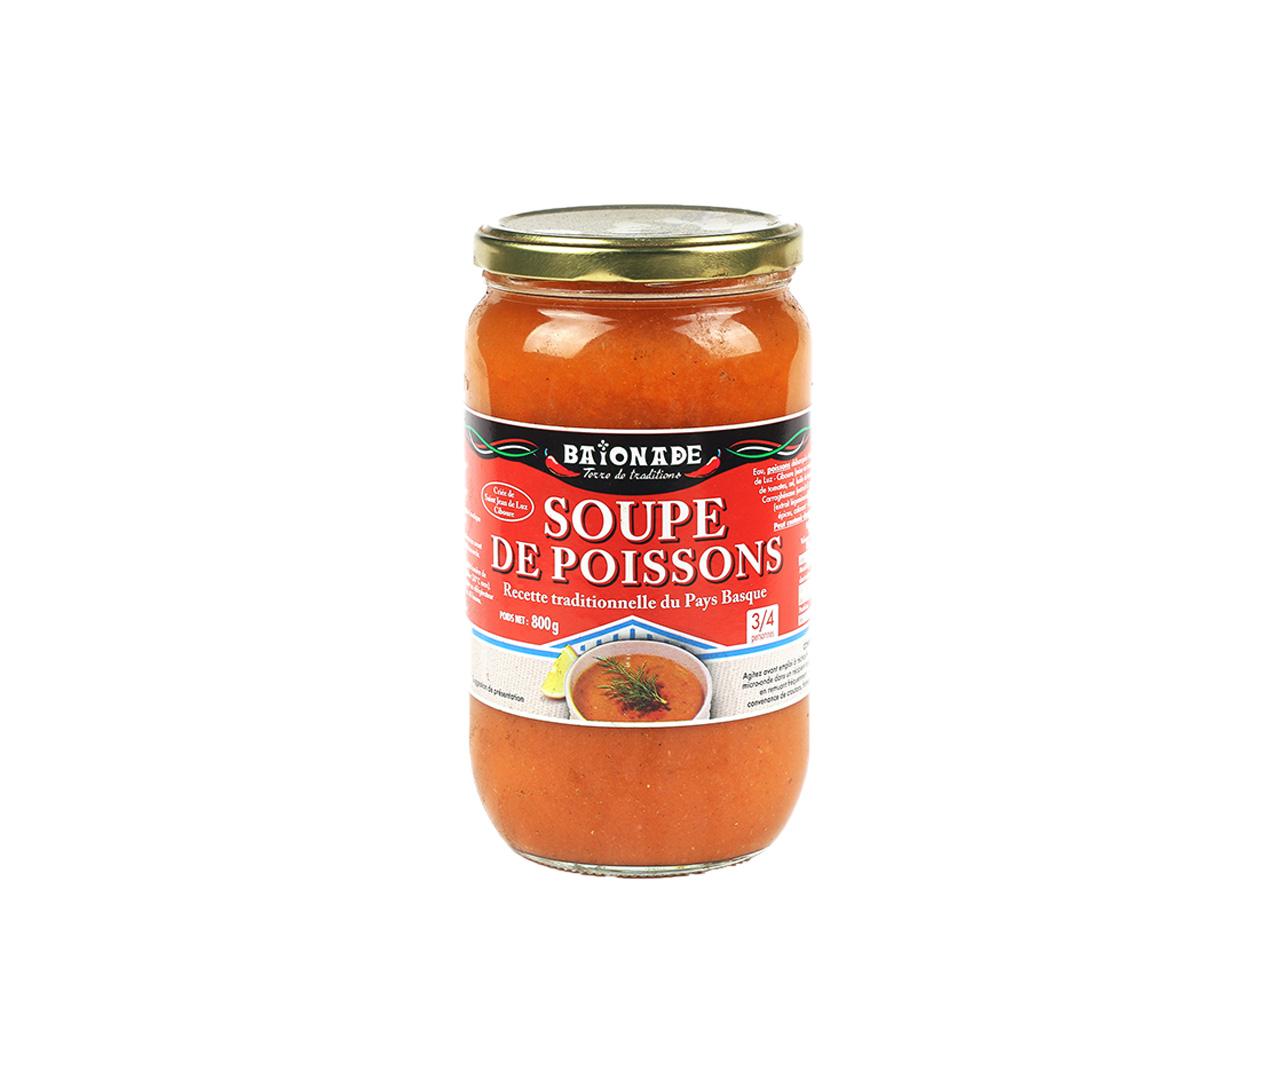 Soupe de poissons Baïonade